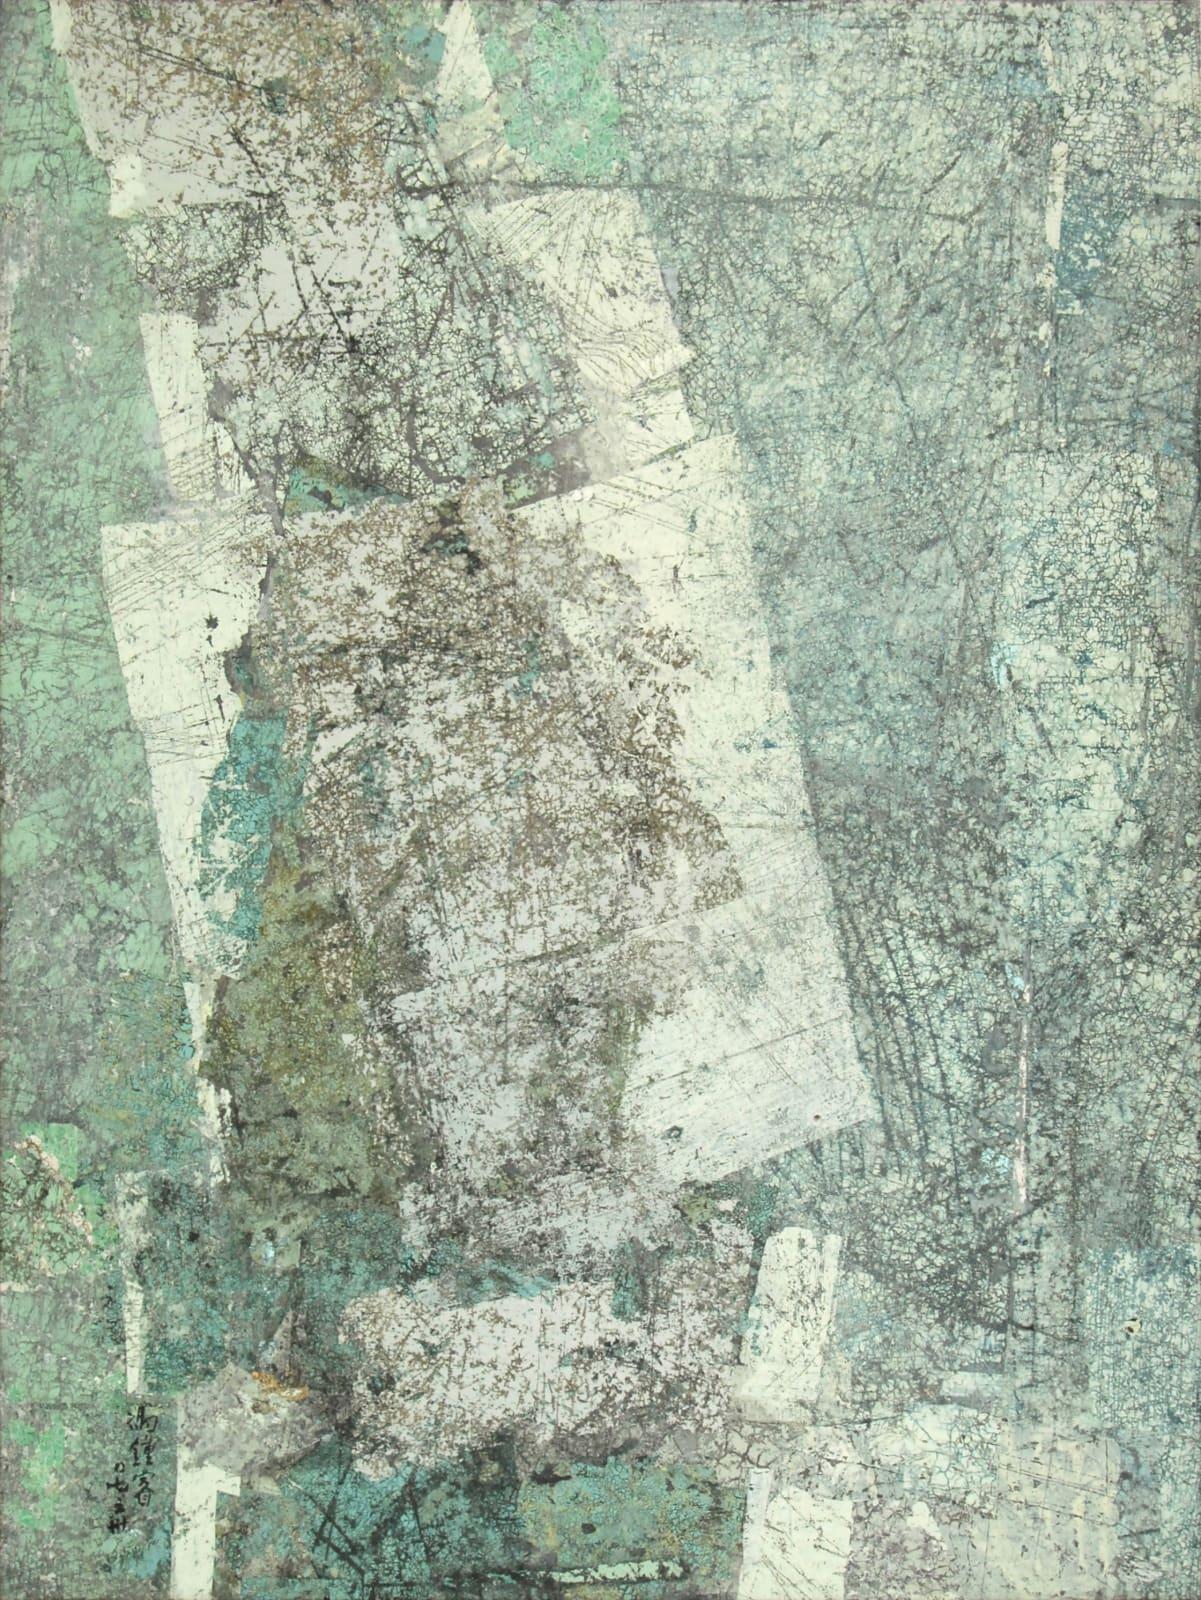 Fong Chung-Ray 馮鍾睿, 2007-30, 2007